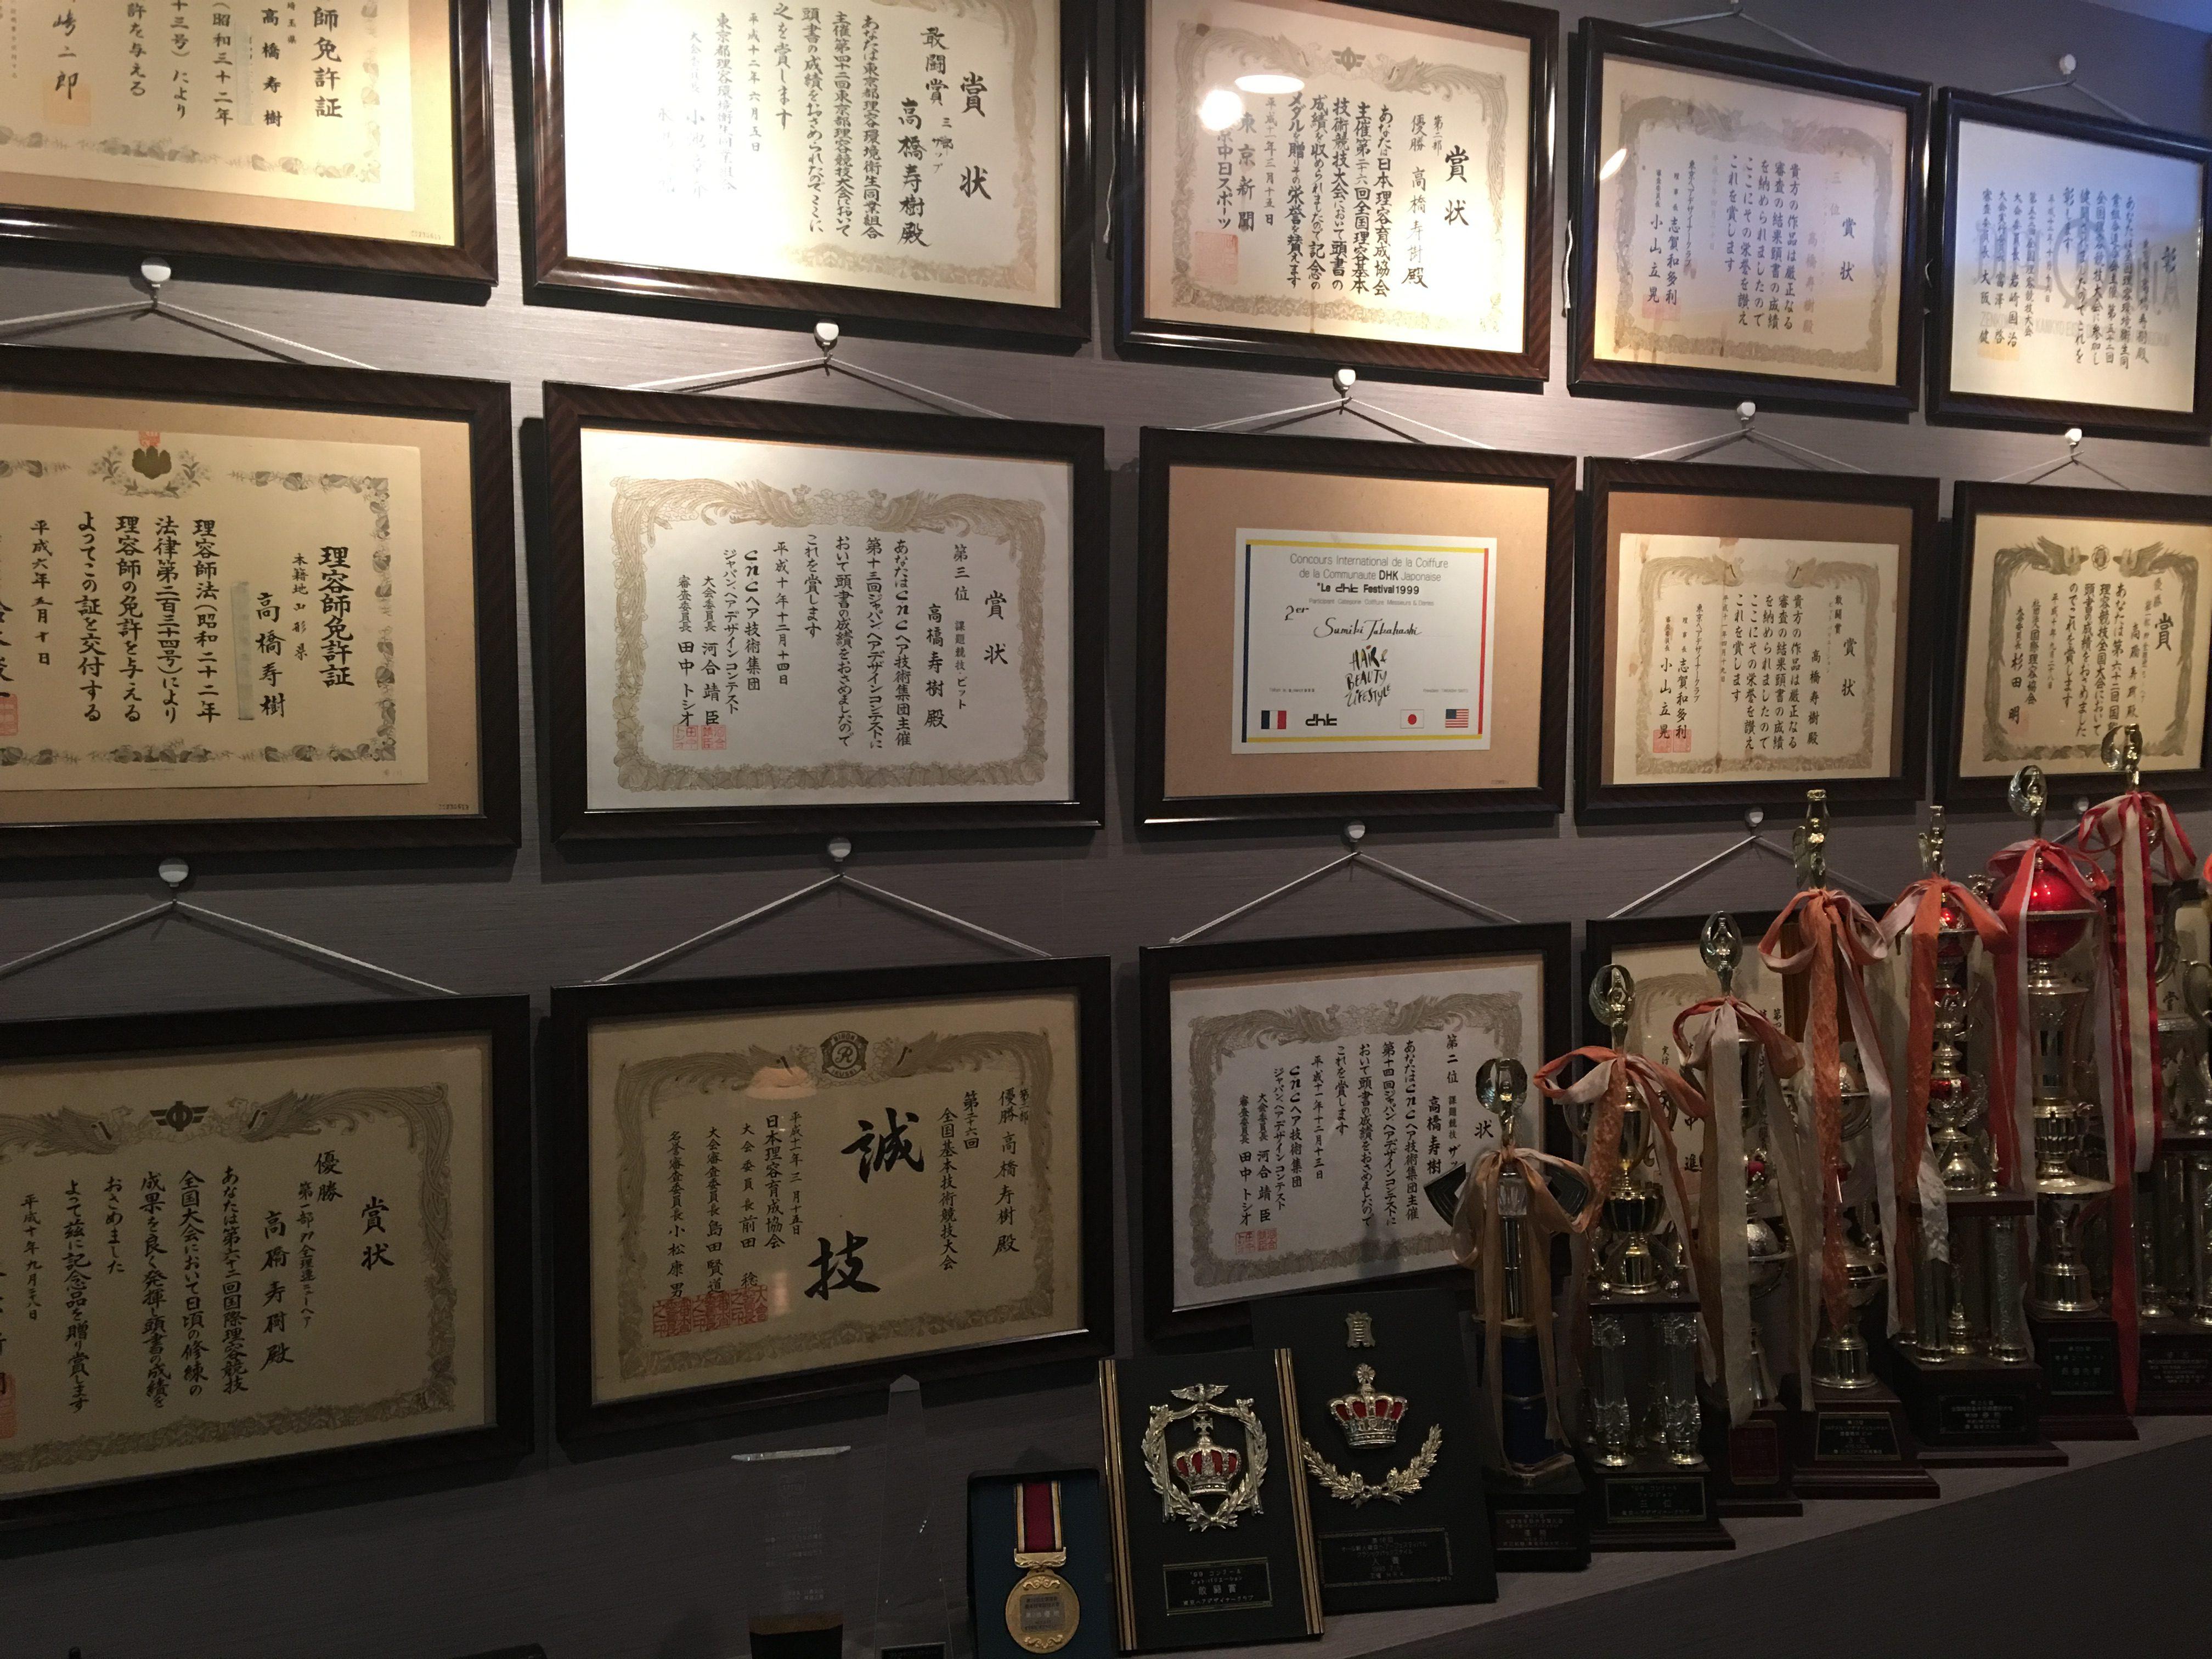 埼玉の有名人やセレブが通う美容室ってどんなとこ?潜入してみた(画像あり)